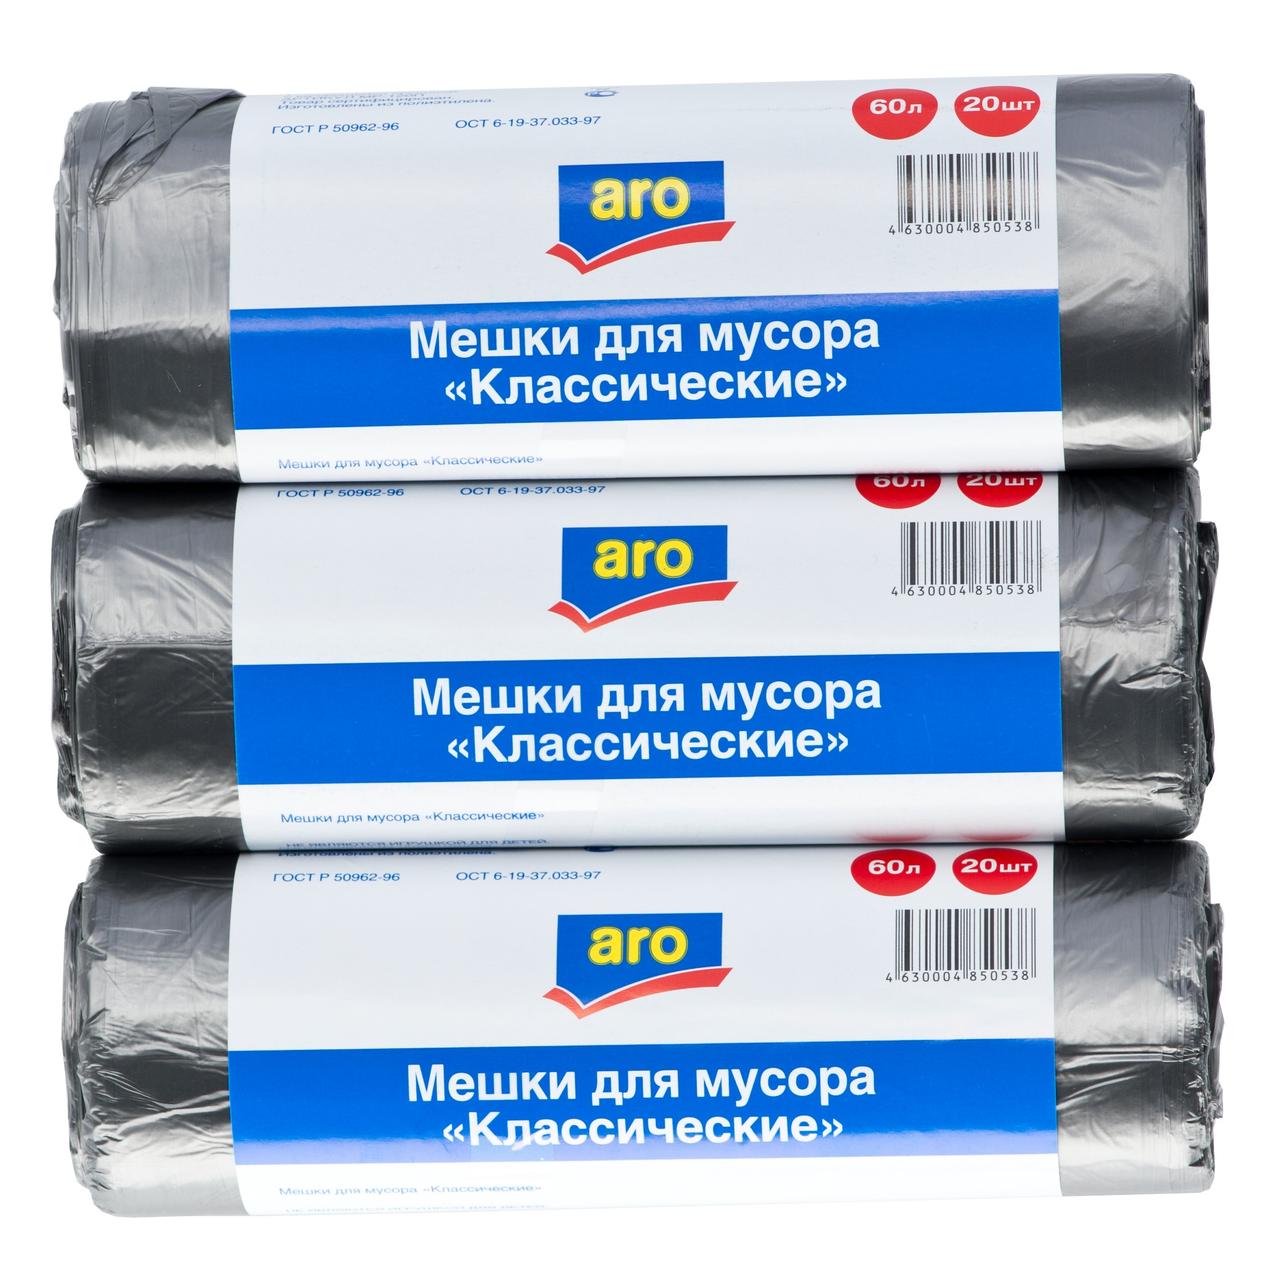 20ШТ ARO МЕШКИ Д/МУС 60Л